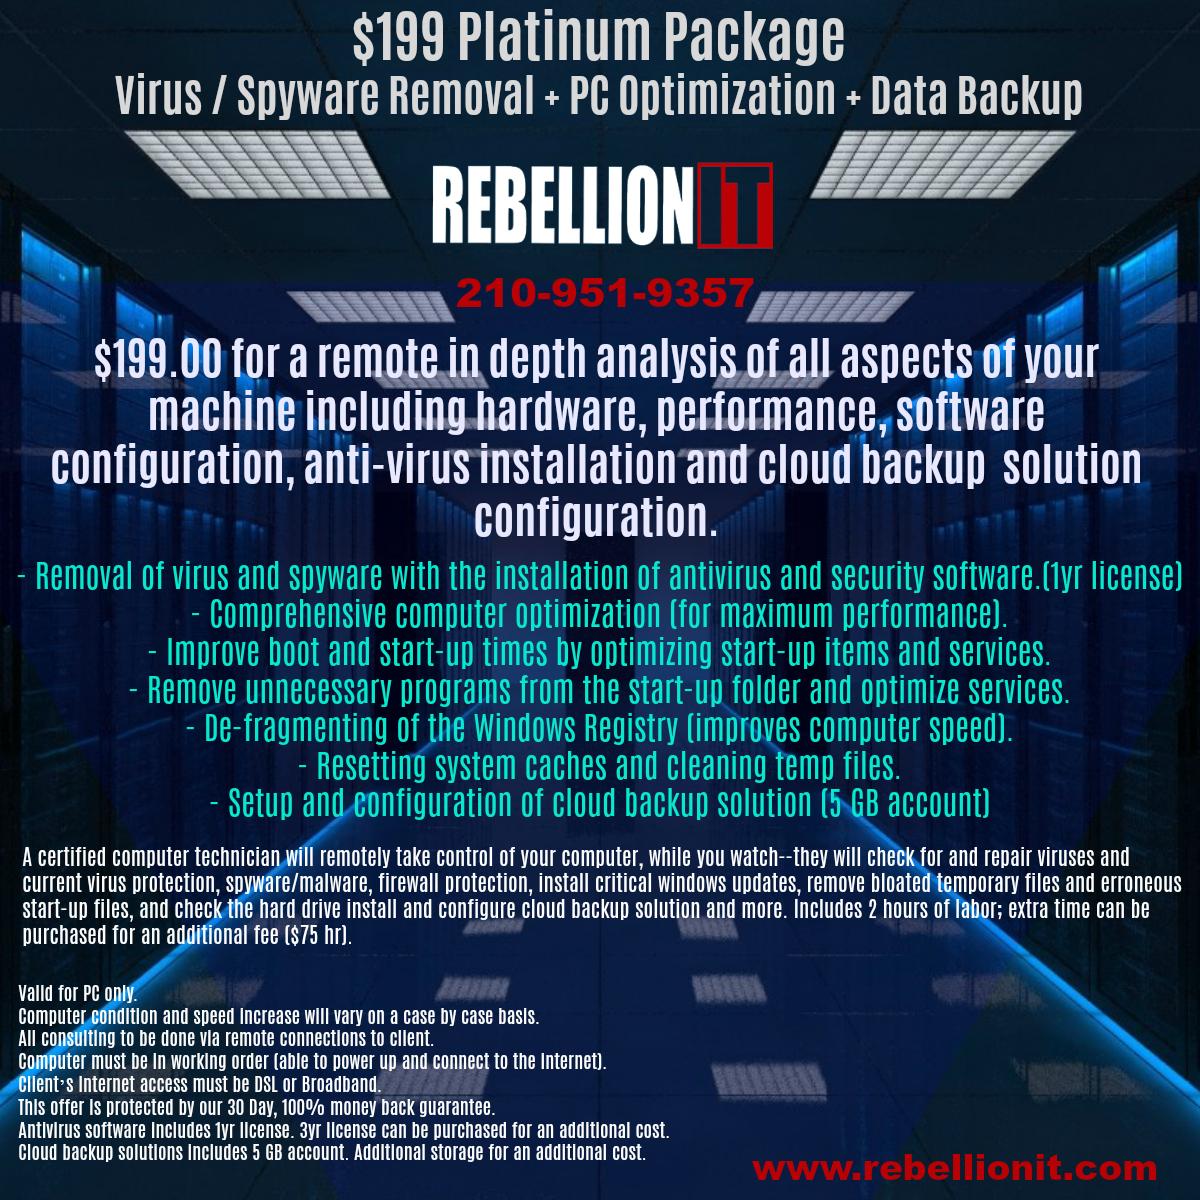 $199 Platinum Package